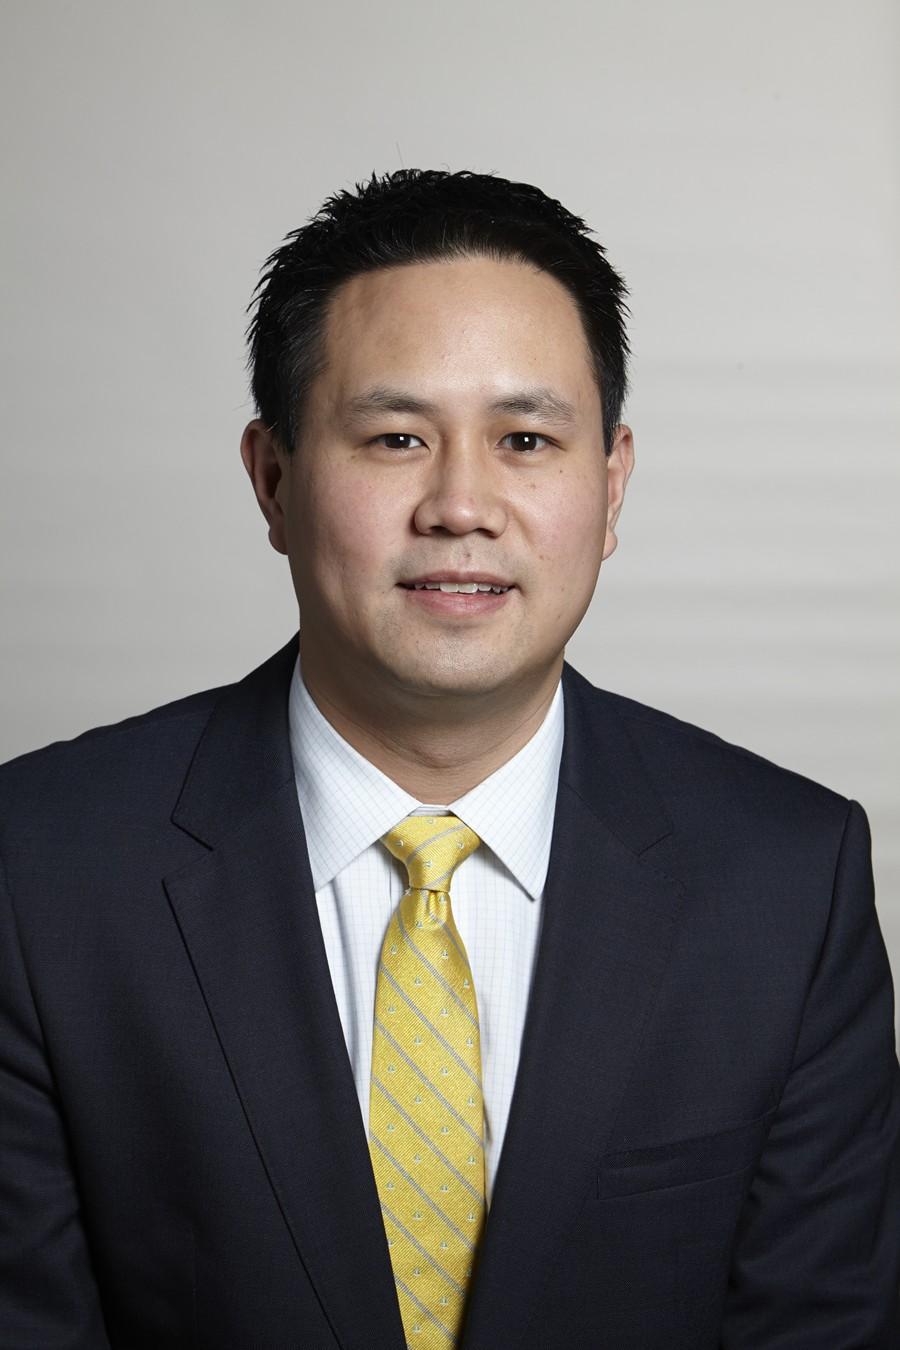 Dr. Darwin Chen